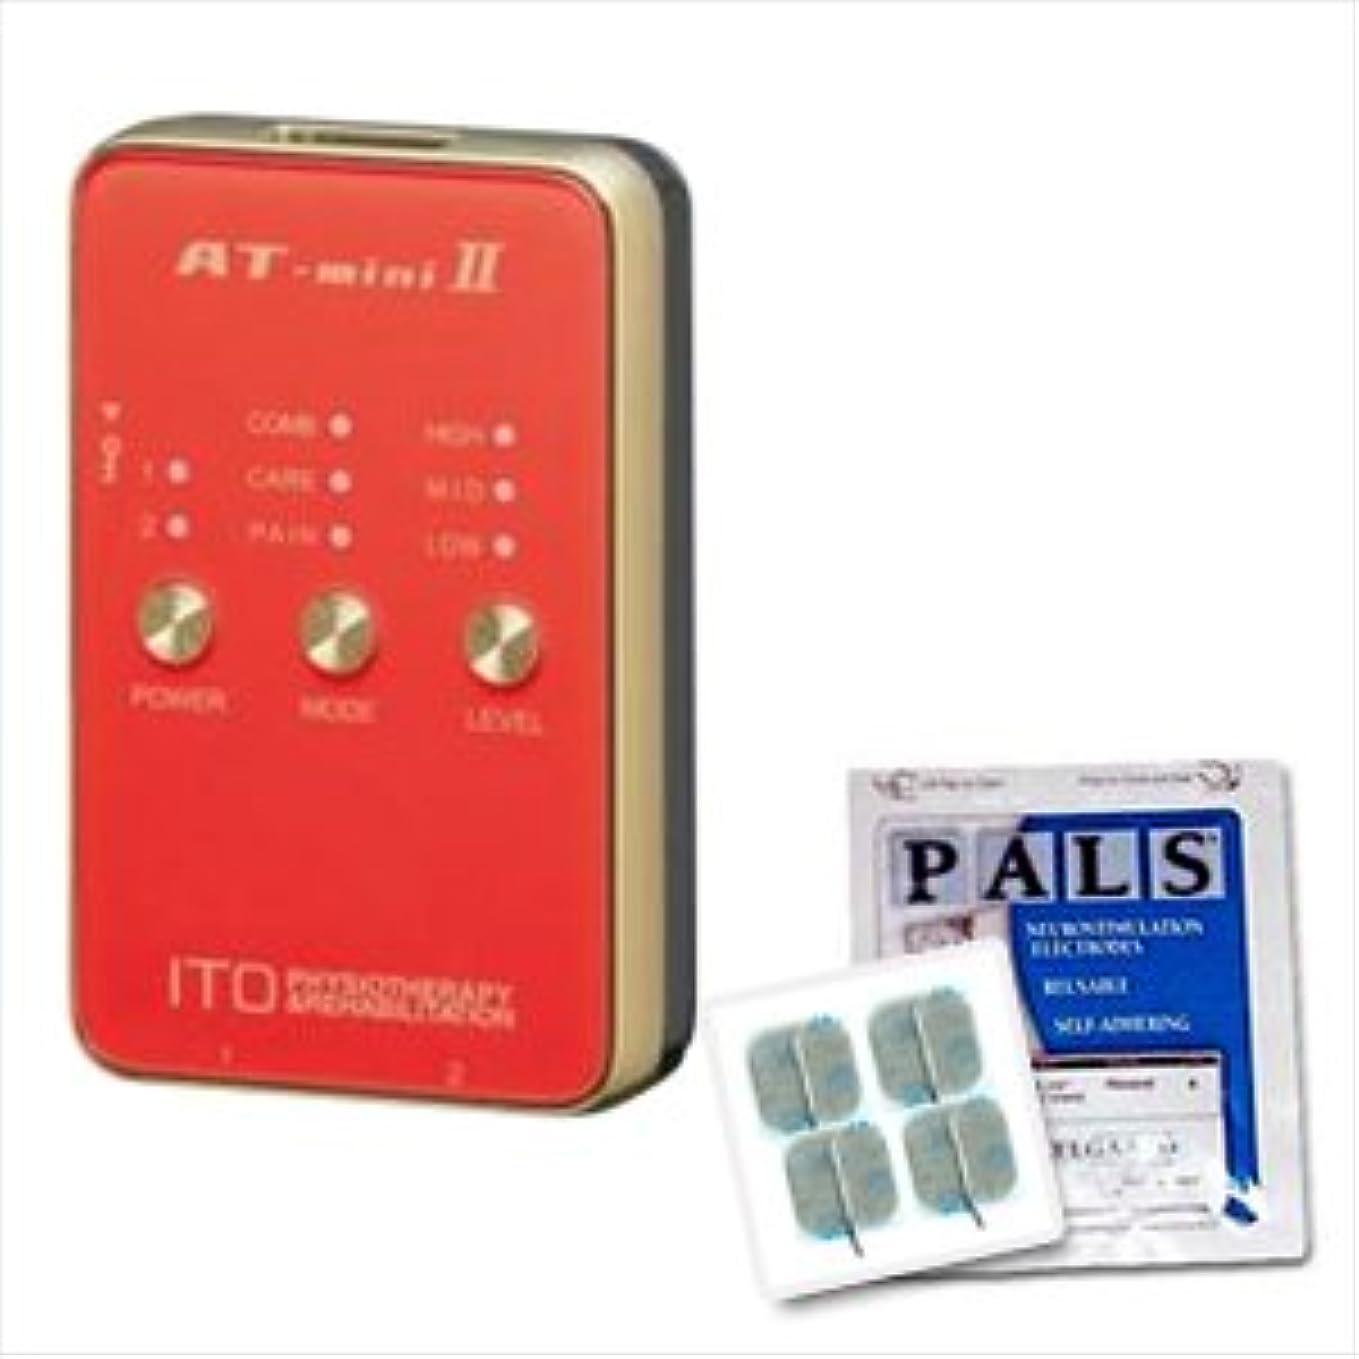 サイクロプス不良彼女の低周波治療器 AT-mini II オレンジ +アクセルガードMサイズ(5x5cm:1袋4枚入)セット